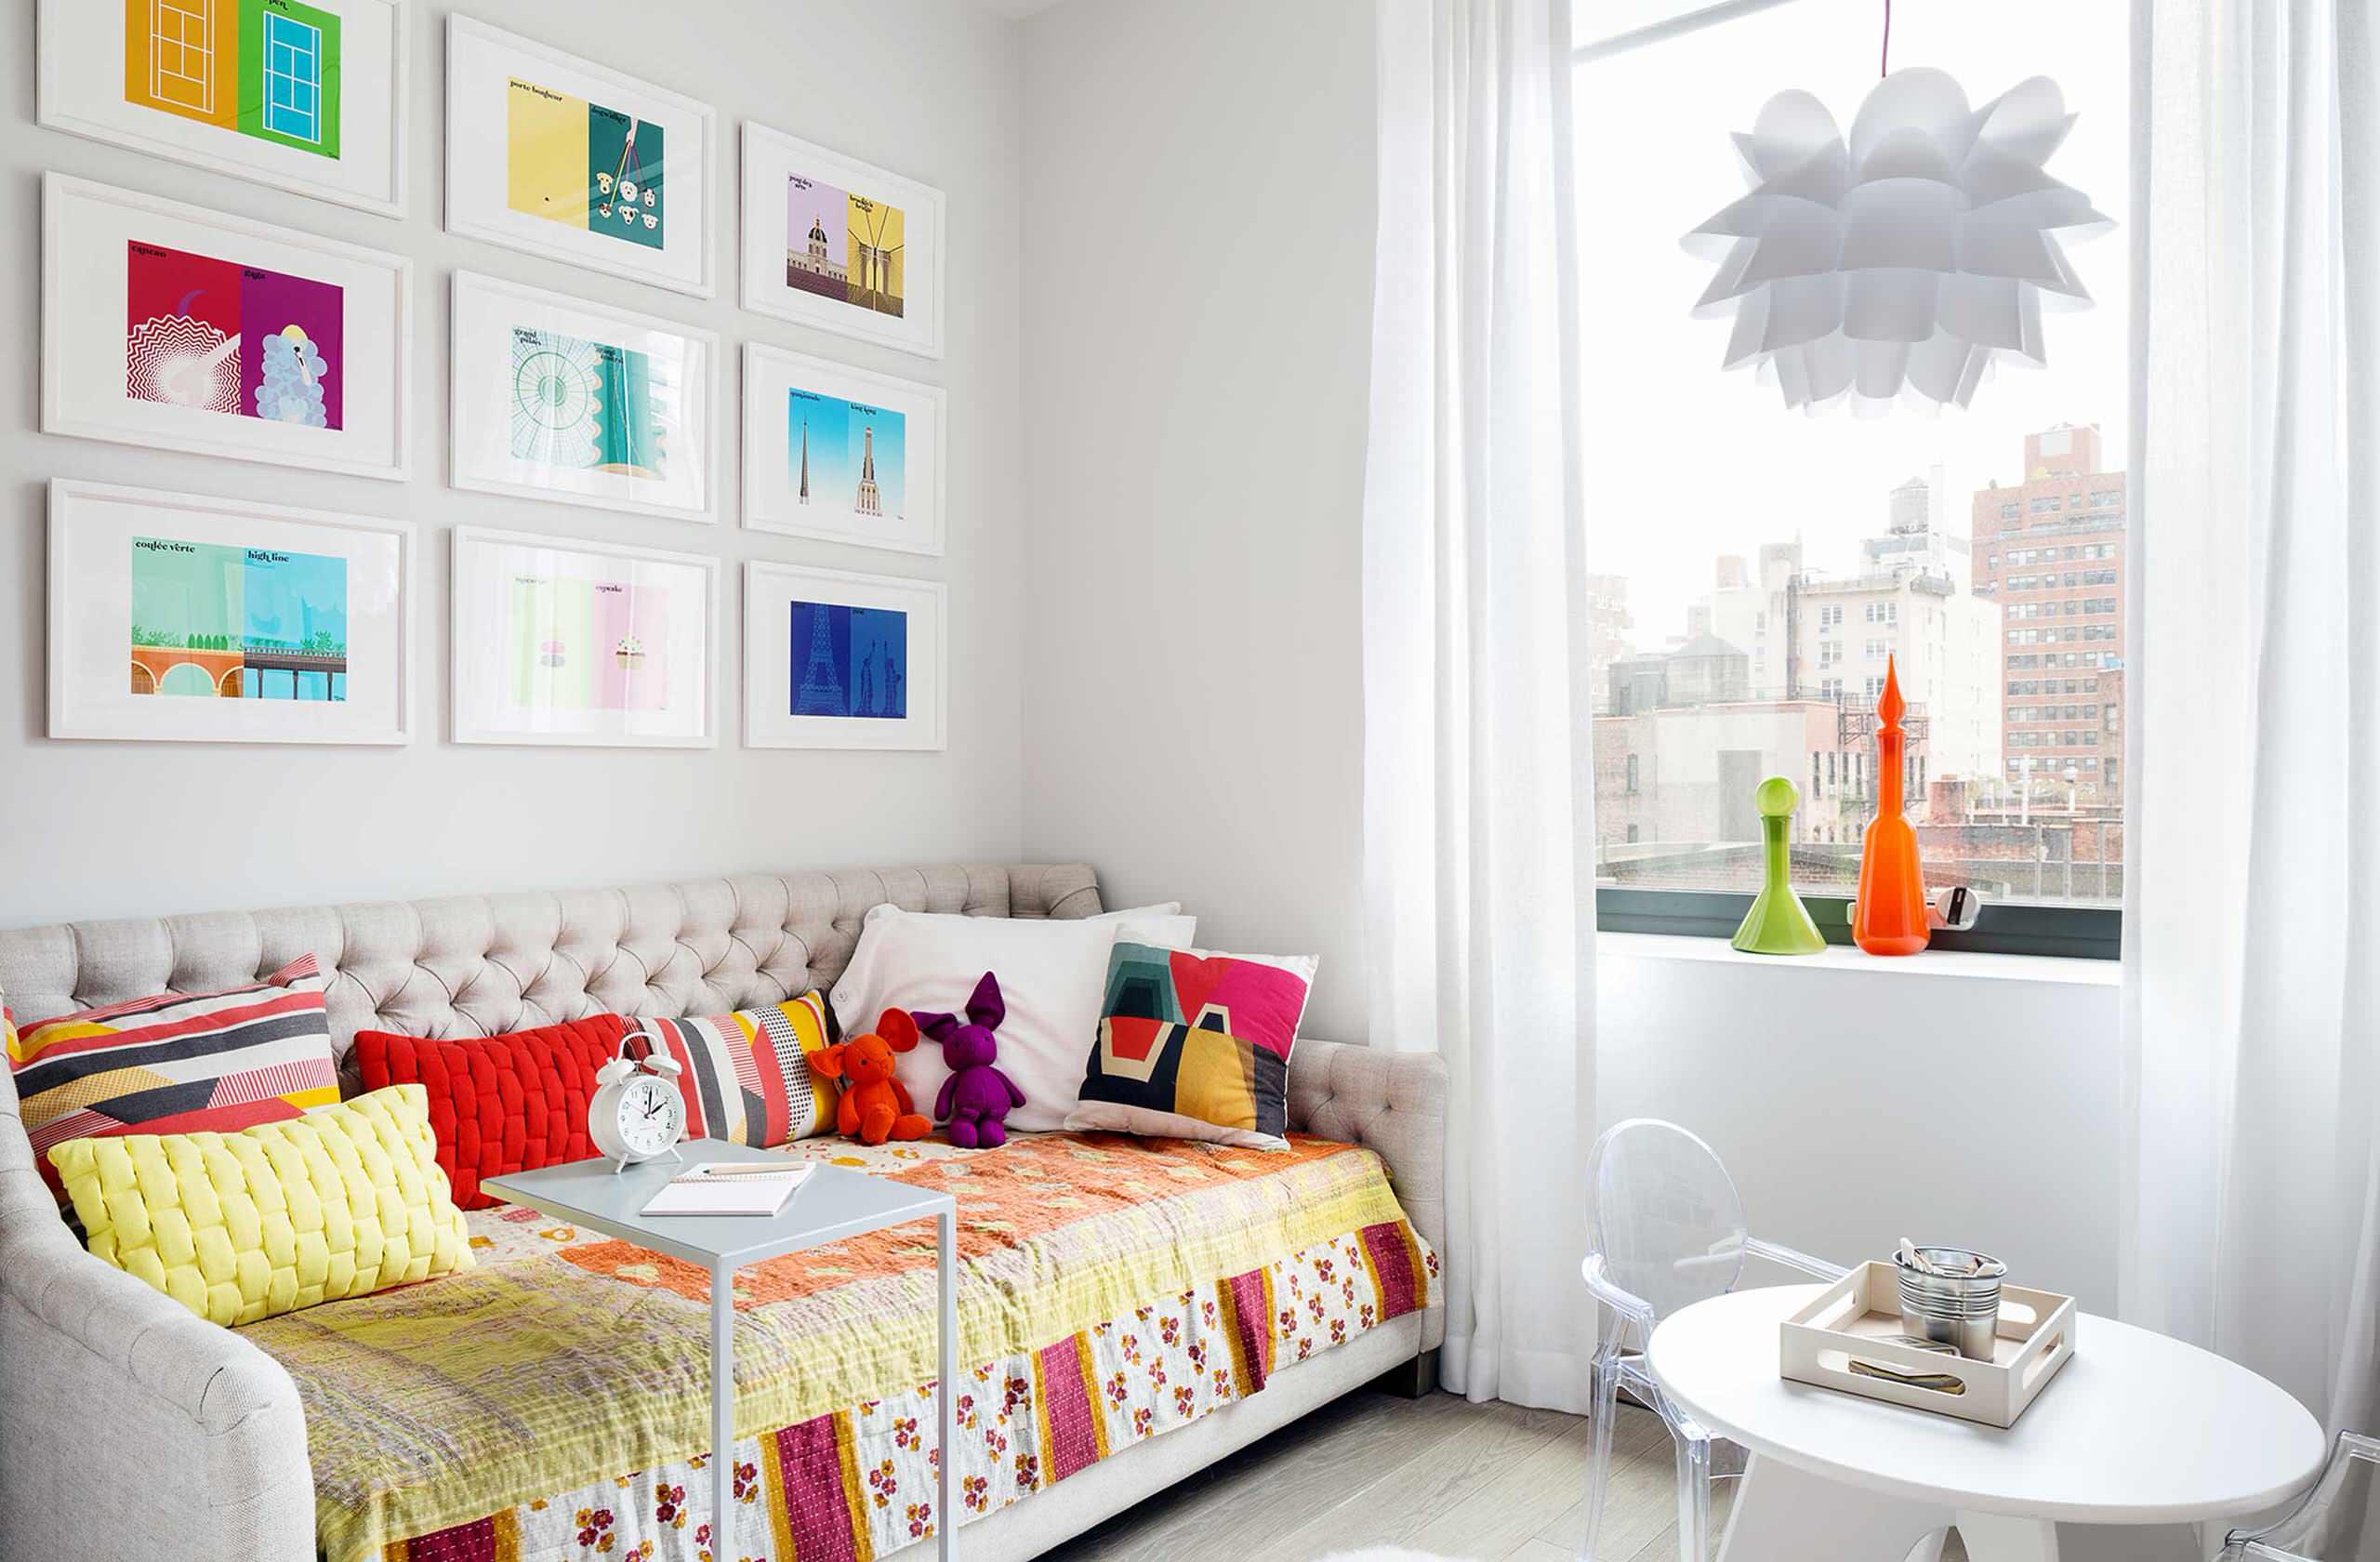 Яркий декор сделает интерьер более контрастным